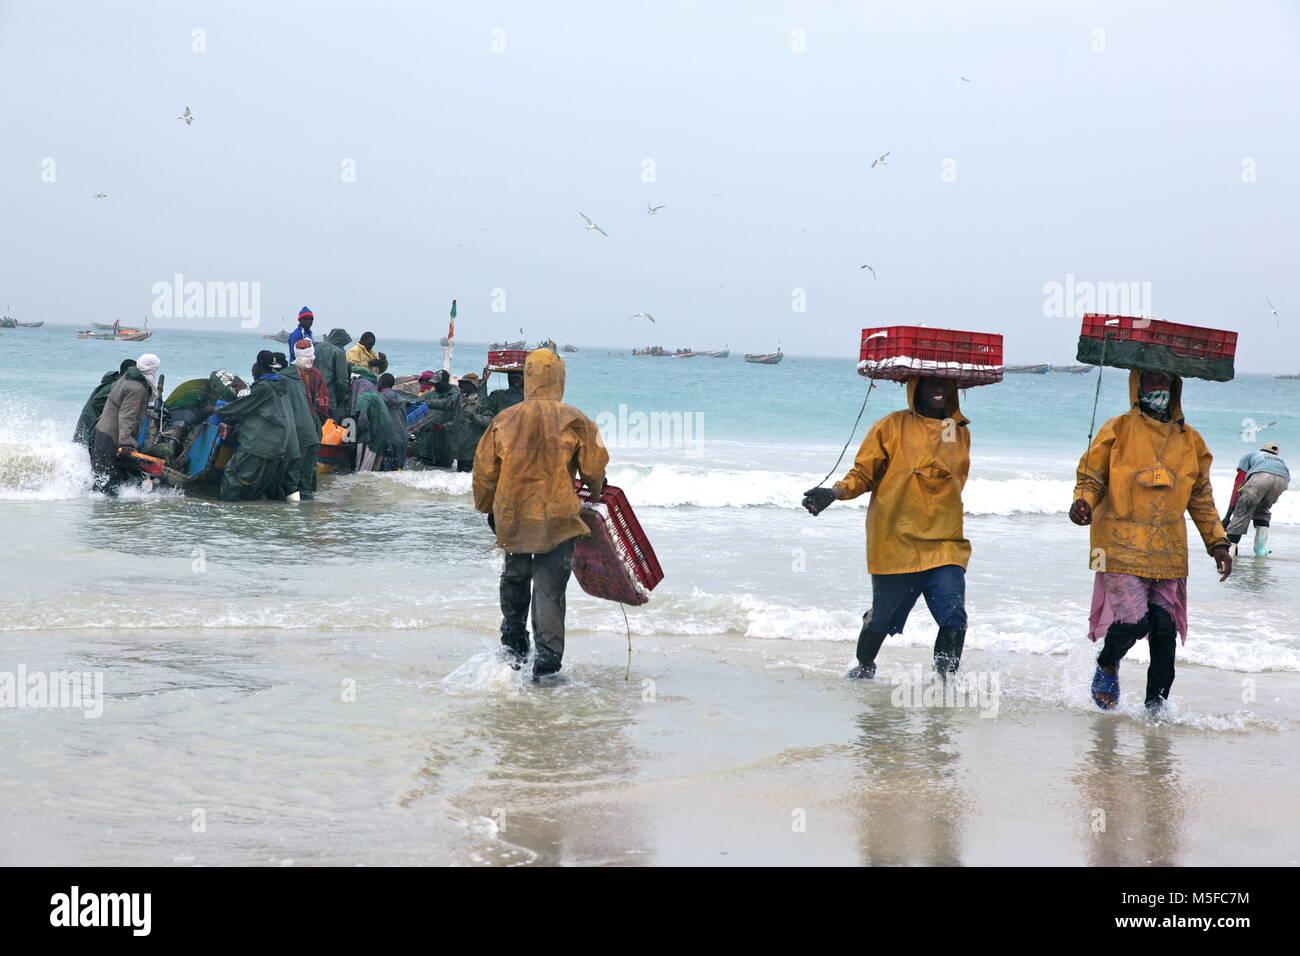 Mauritania fishing industry - Stock Image